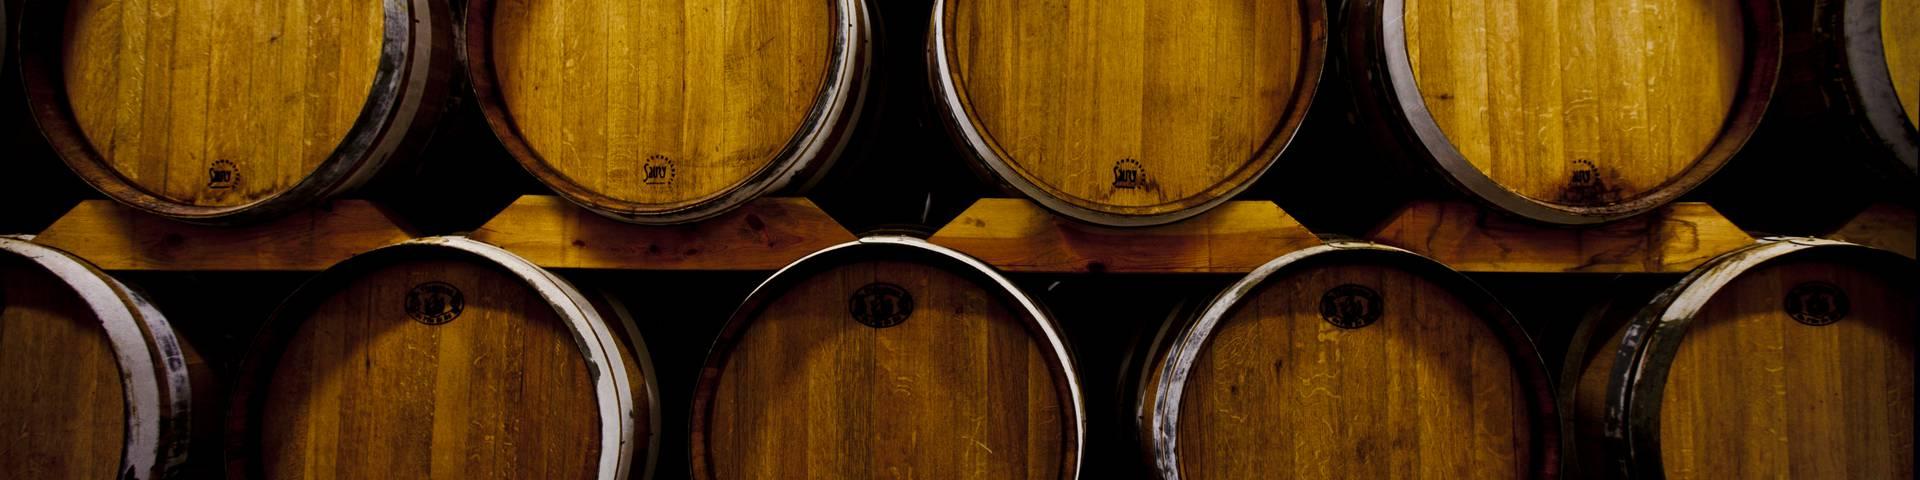 Les tonneaux de vin de la coopérative des vignerons par François Blanchard